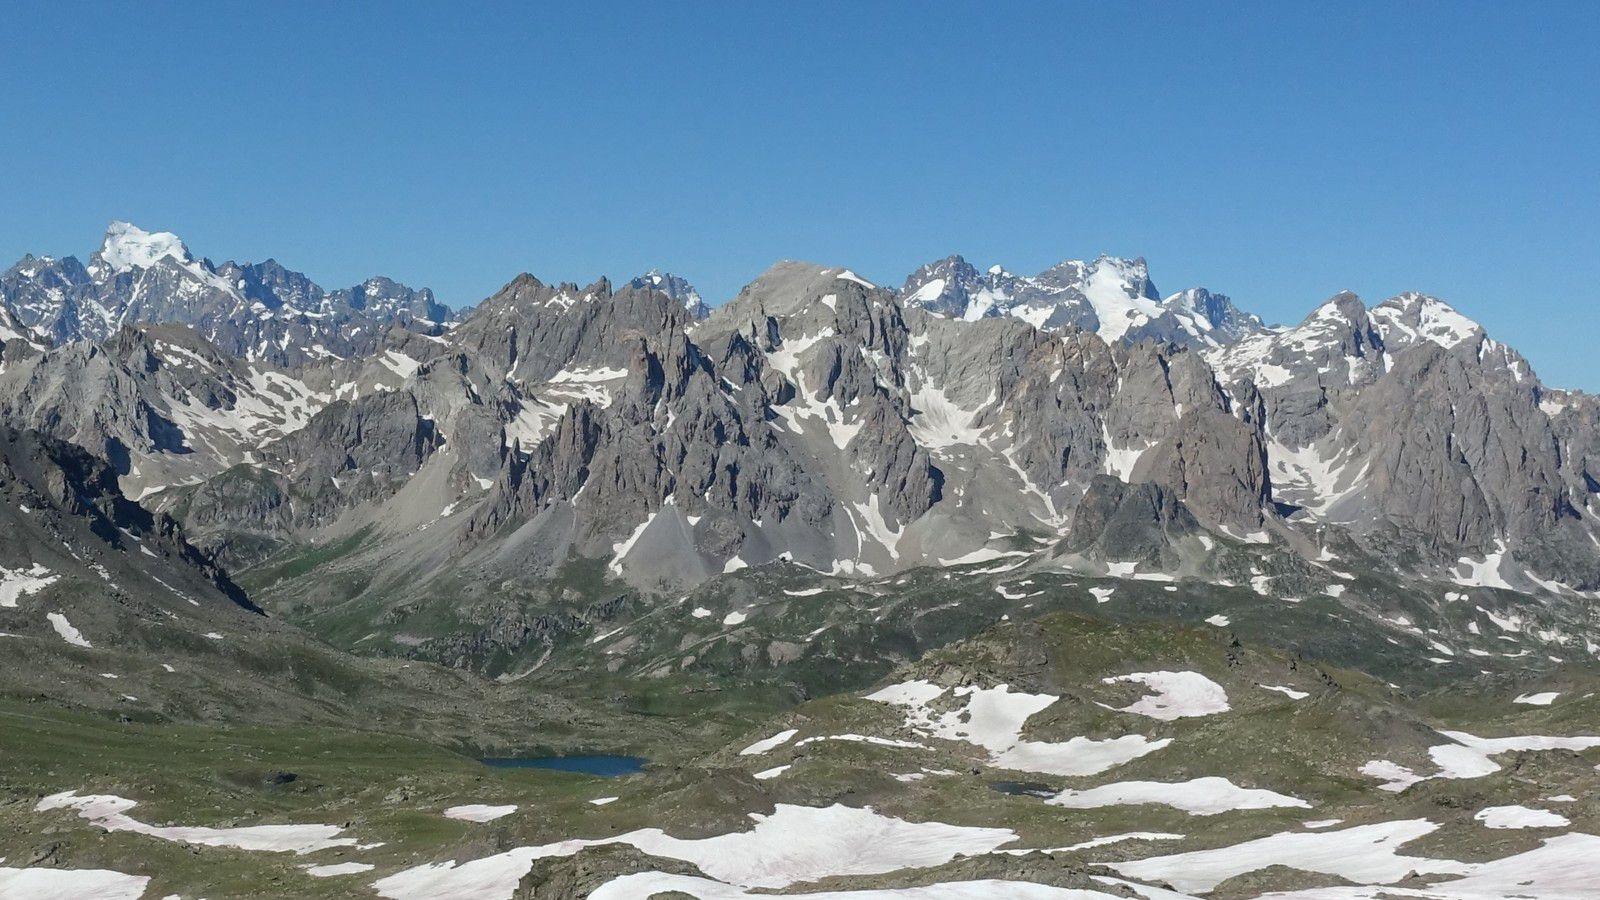 Départ du Pont de l'Alpe - Pointe des Cerces et vue sur les Ecrins